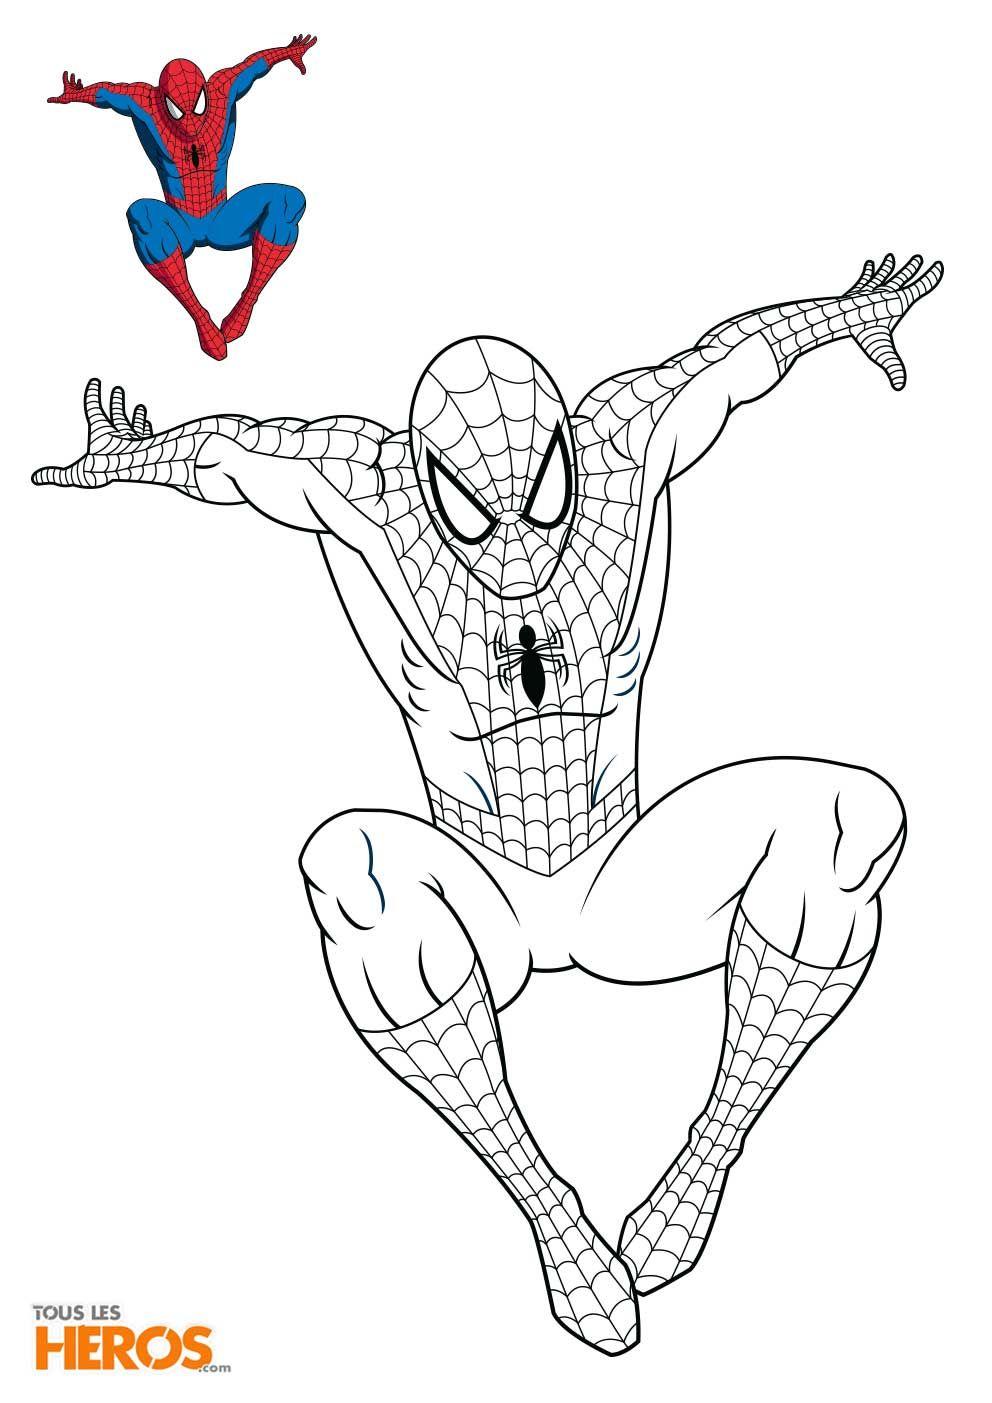 Coloriage Spiderman4 Jpg 992 1403 Coloriage Spiderman Dessin Spiderman Coloriage